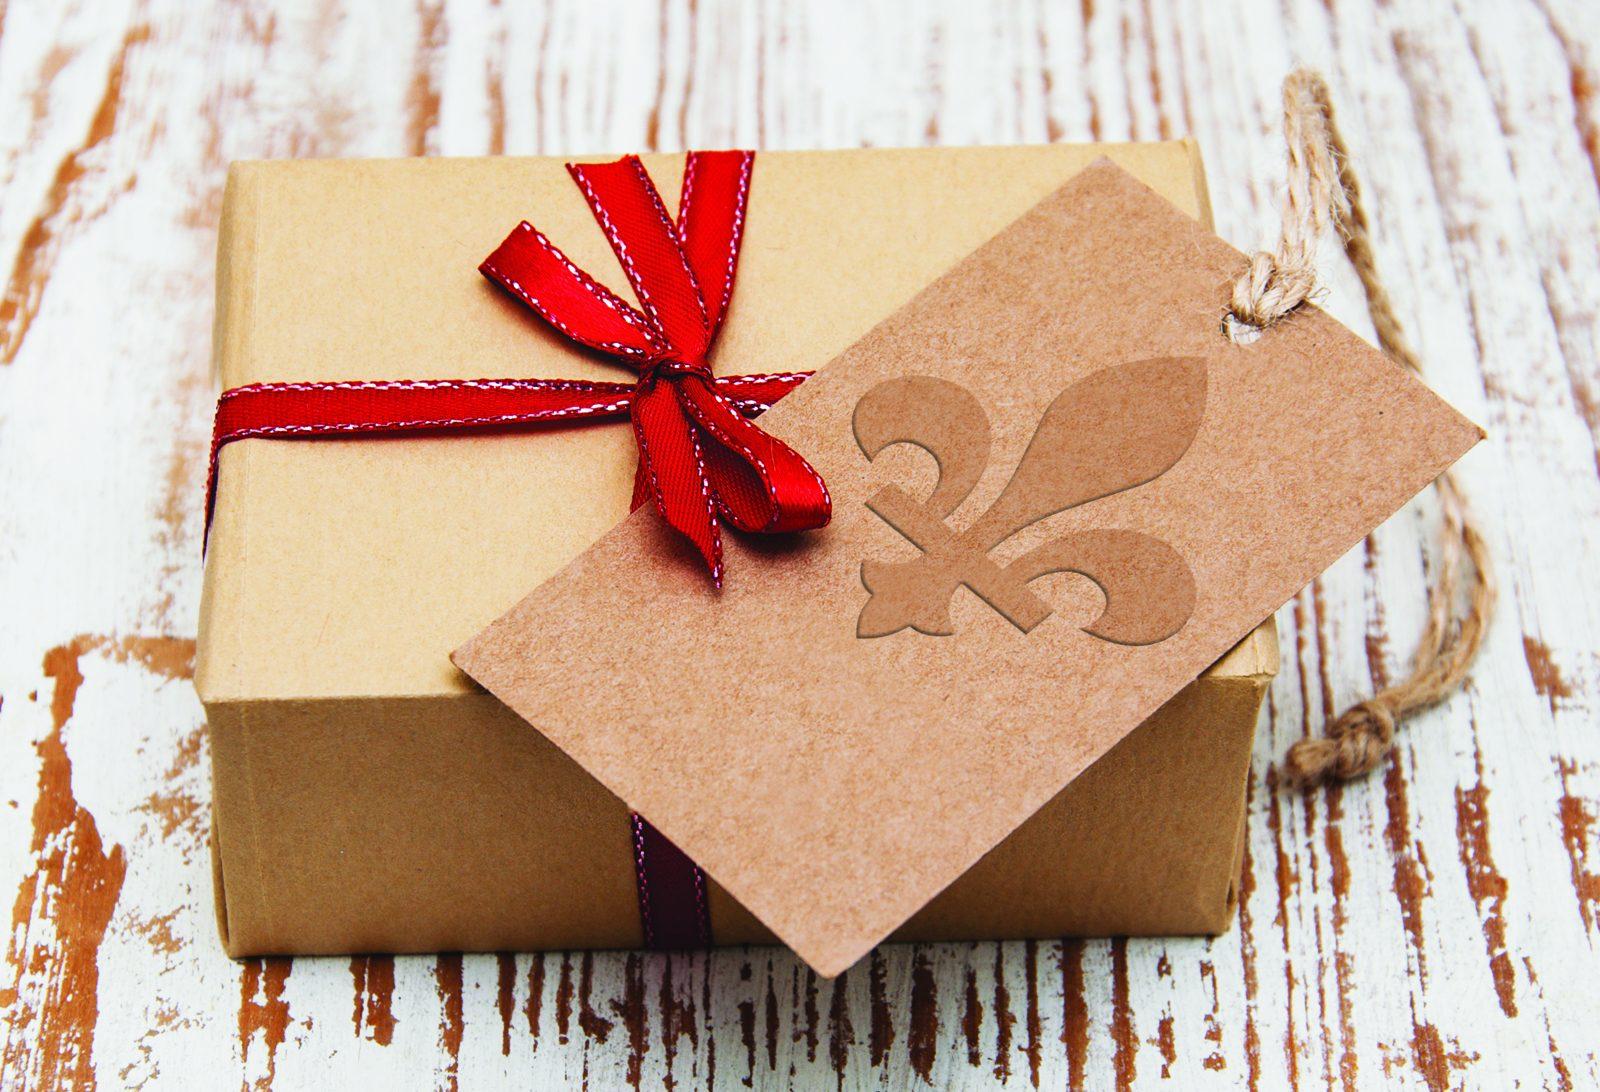 Offrez des cadeaux mémorables grâce aux artisans de votre ...